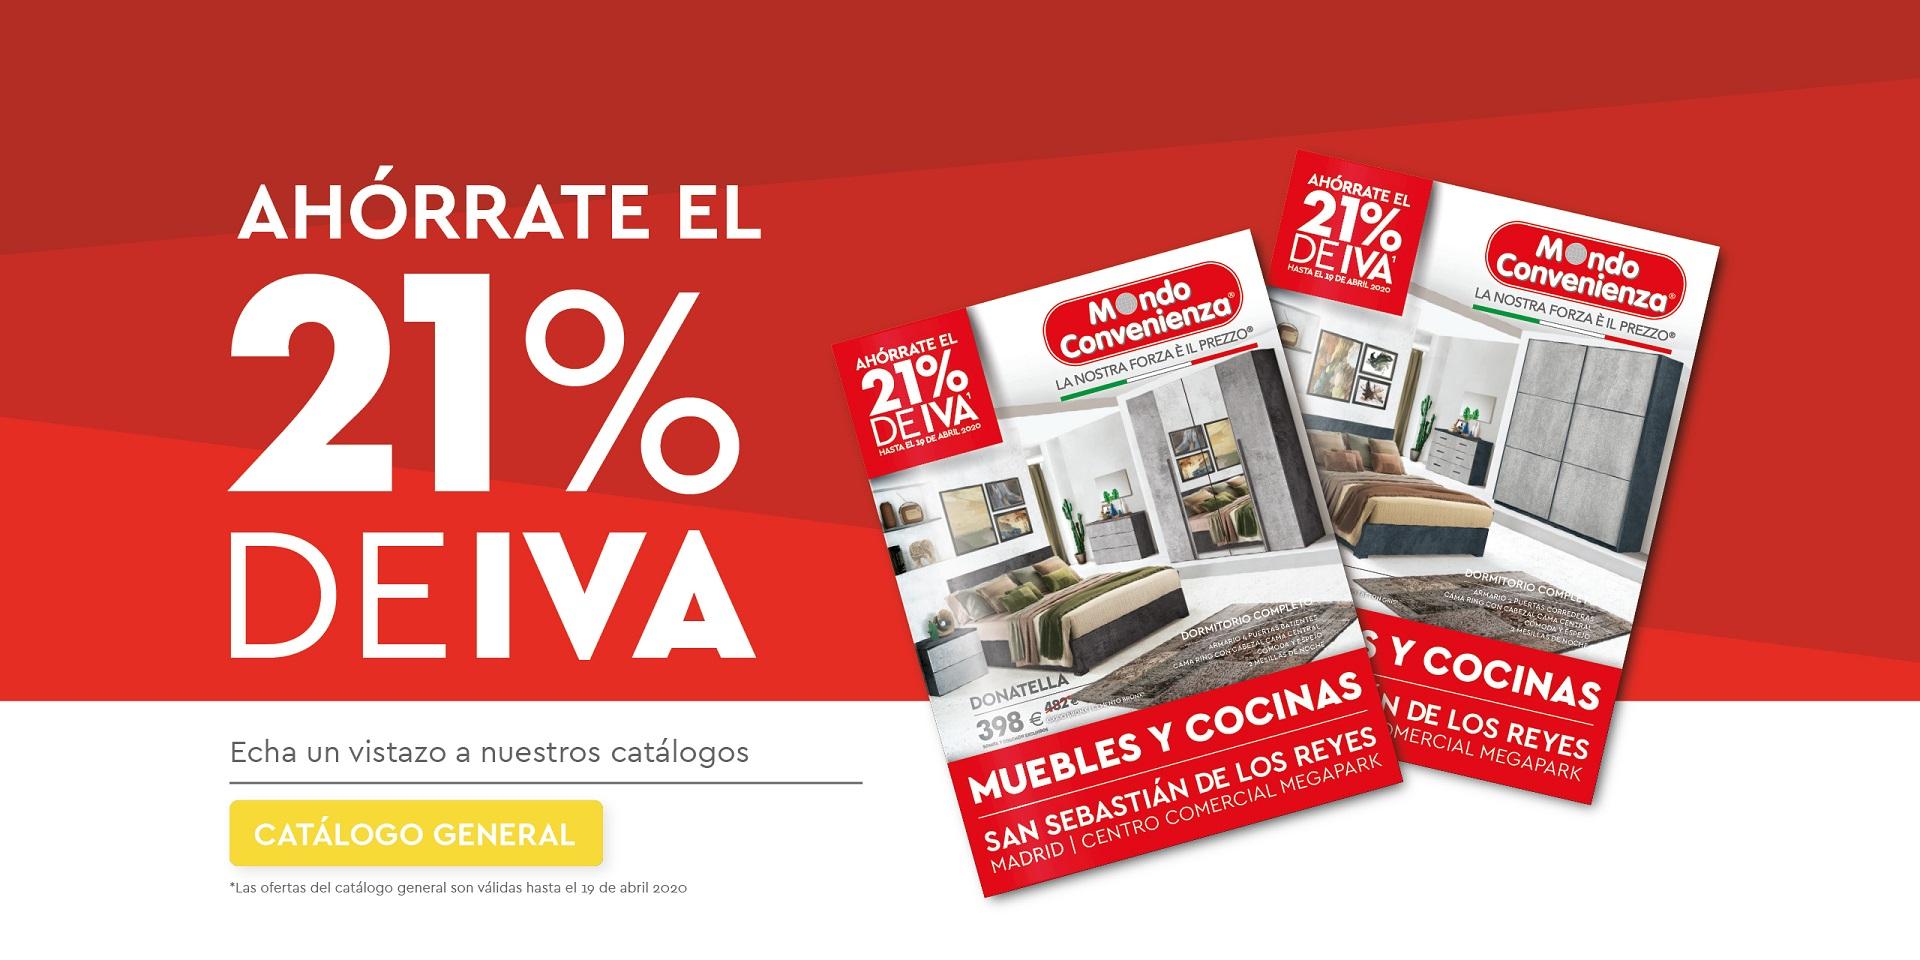 AHORRO DEL 21% DE IVA EN MUEBLES Y COCINAS